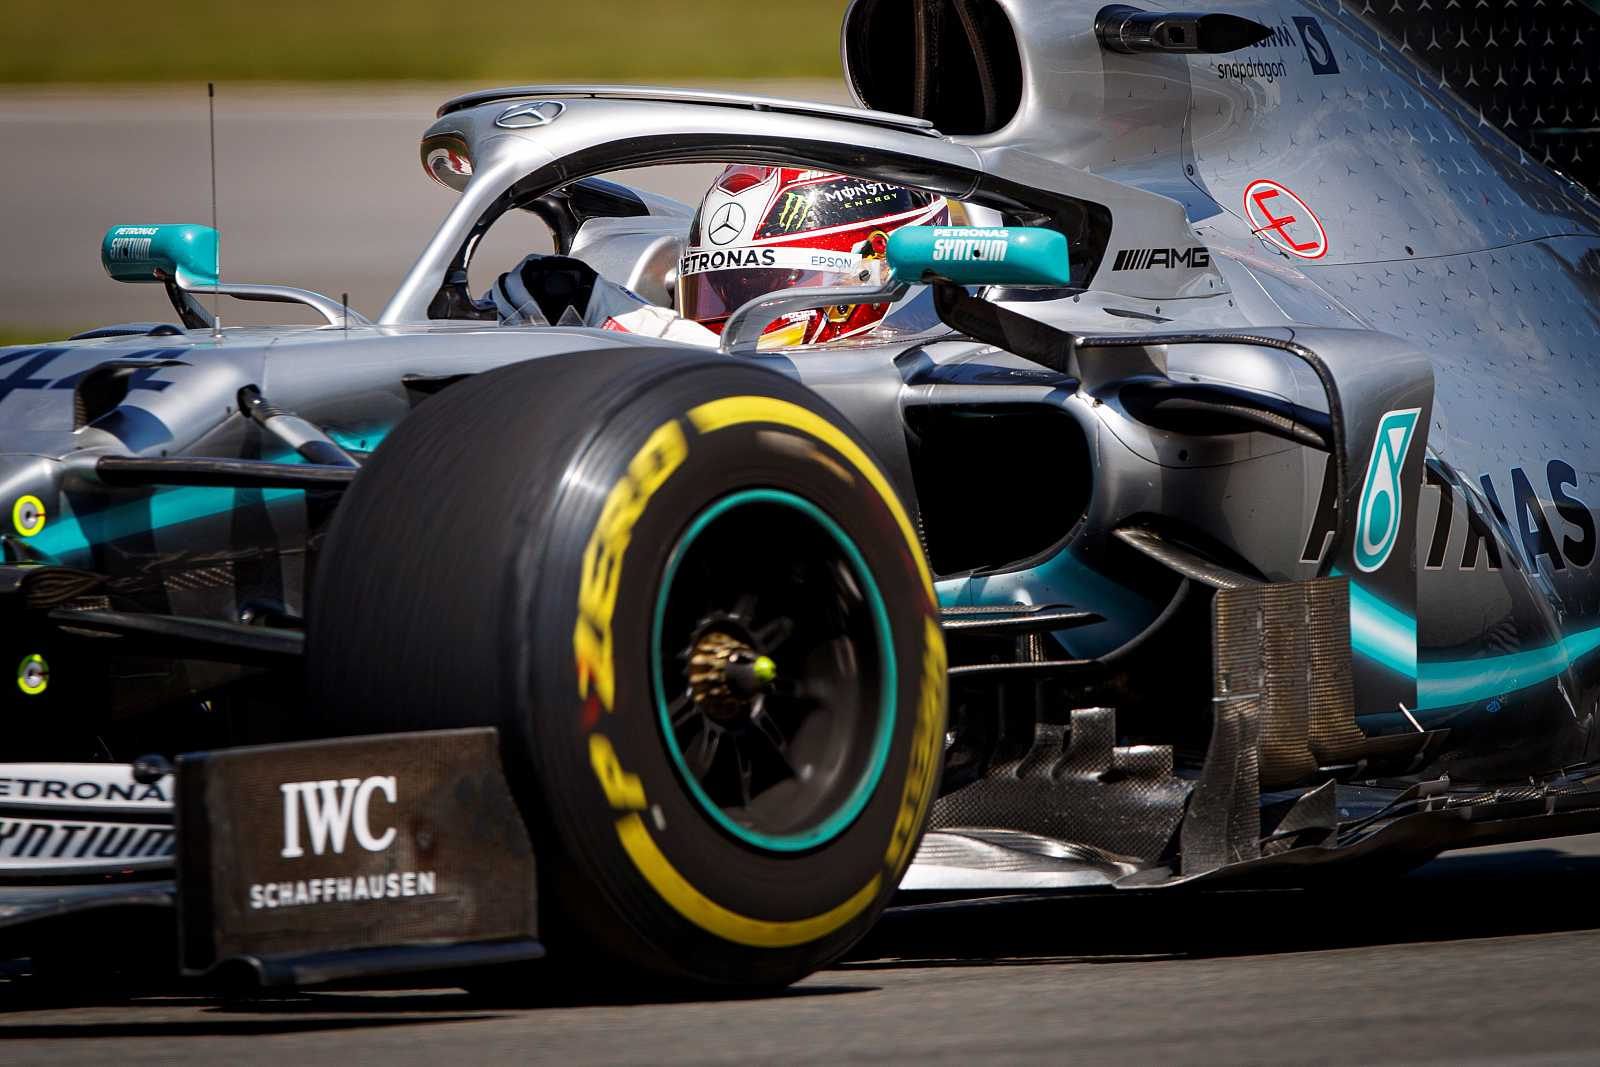 Imagen de archivo del piloto de Mercedes Lewis Hamilton durante una carrera.